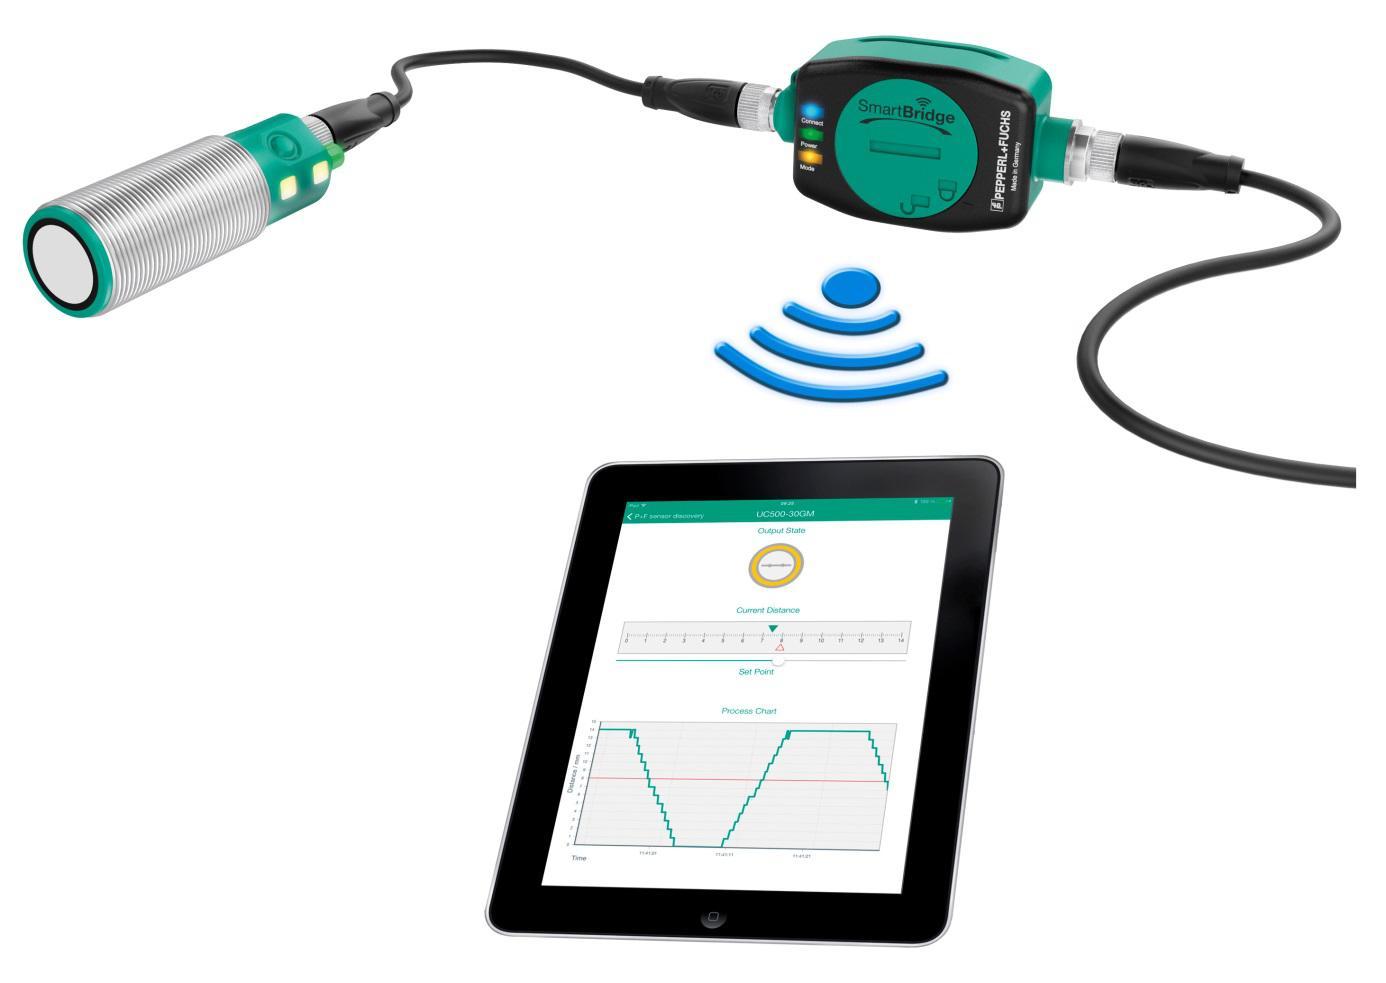 Adapter SmartBridge, wpięty do okablowania zasilającego czujnik, ustanawia bezprzewodowe połączenie Bluetooth z urządzeniami mobilnymi.